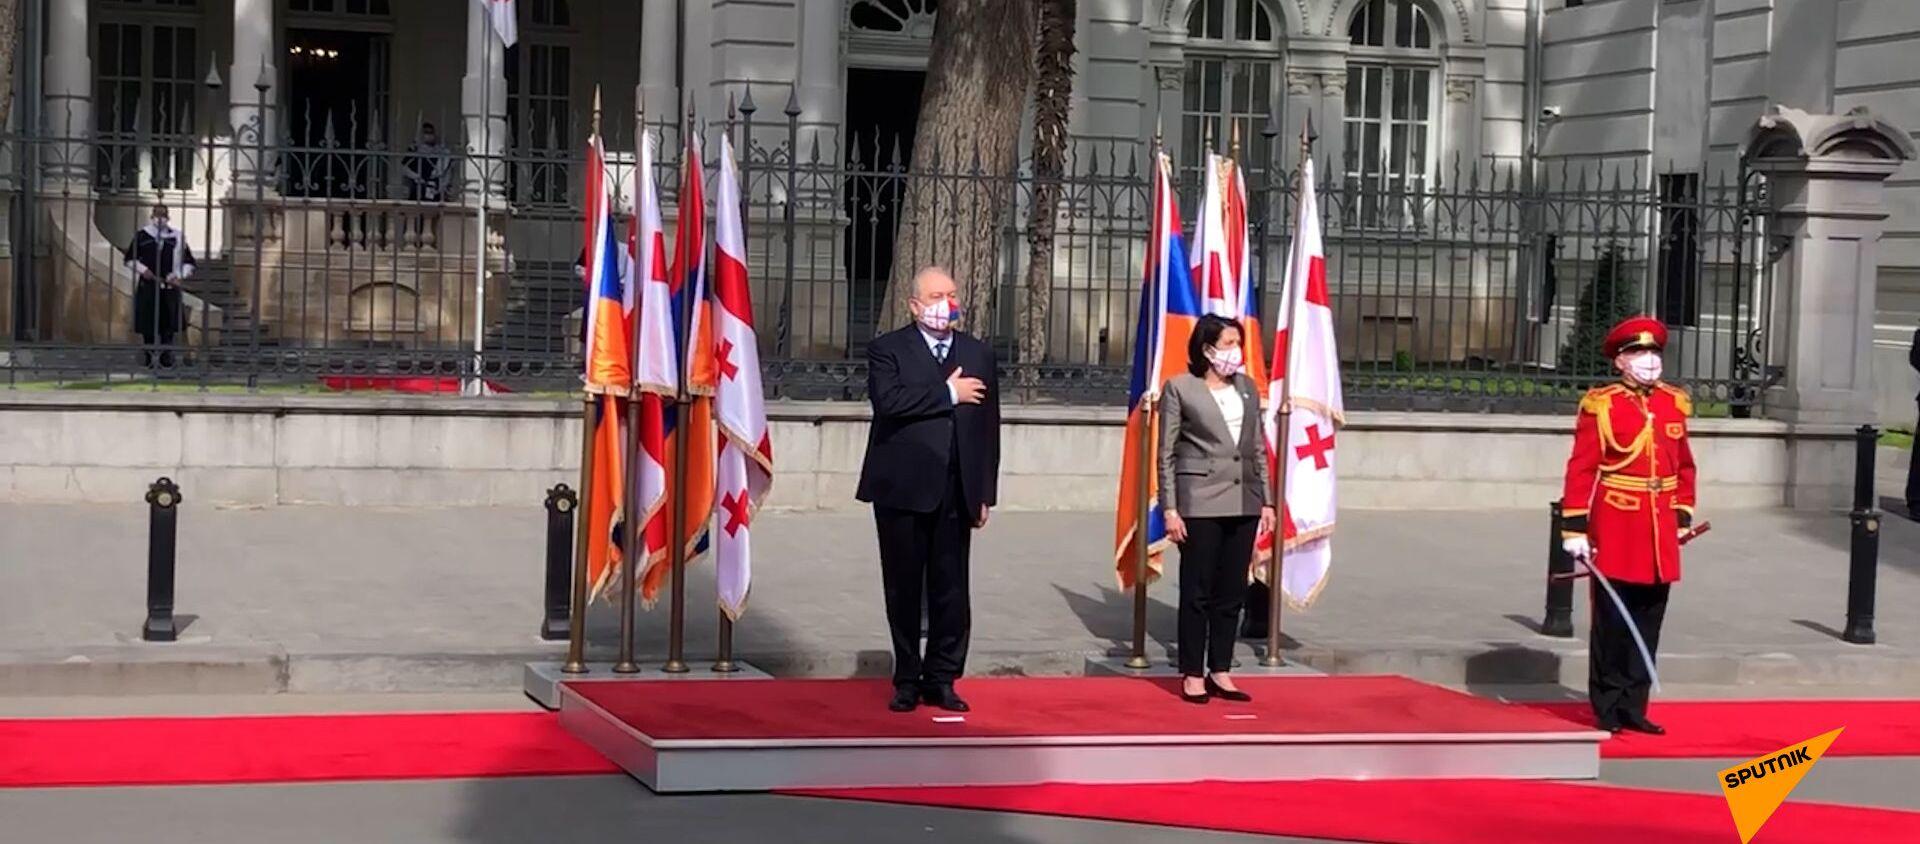 Վրաստանի նախագահի նստավայրում տեղի է ունեցել Հայաստանի Հանրապետության նախագահի դիմավորման պաշտոնական արարողությունը - Sputnik Արմենիա, 1920, 15.04.2021